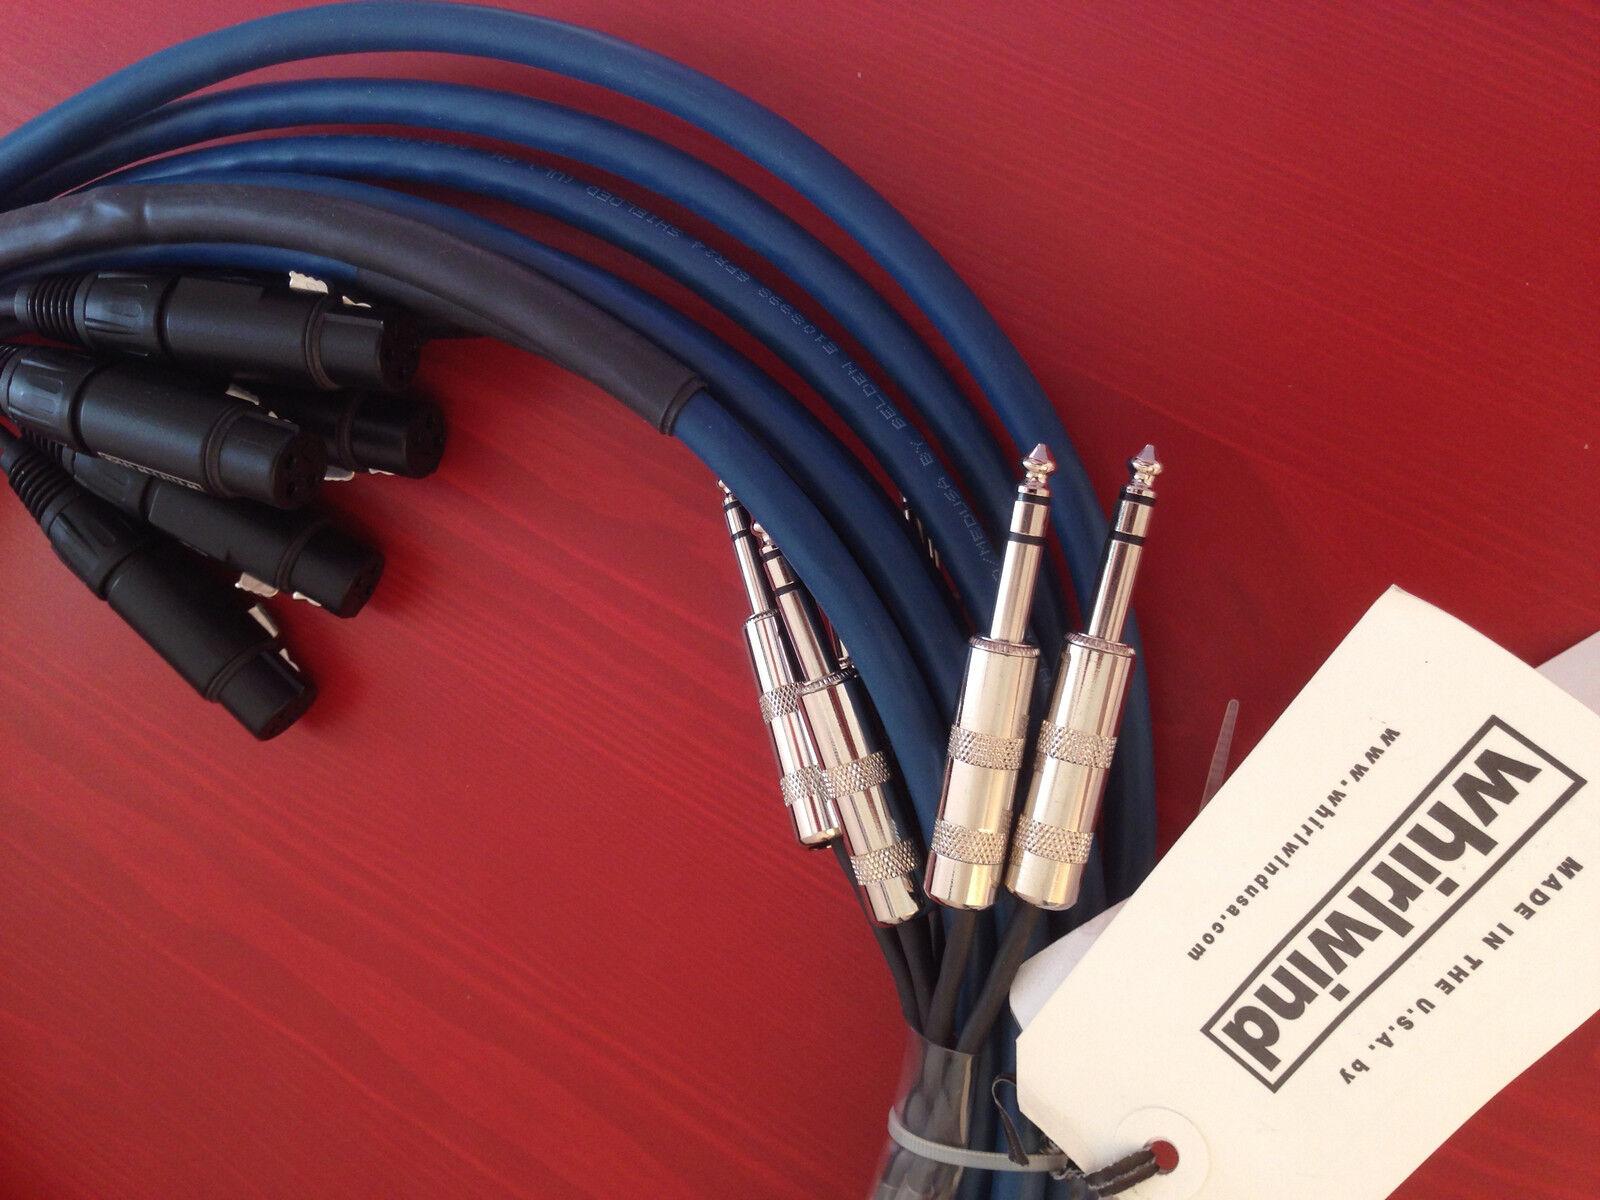 Whirlwind De Audio Multipista Snake 6 Xlr Xlr Xlr Macho A 6 Trs Macho 10ft, mt-6-m-s-10  muy popular